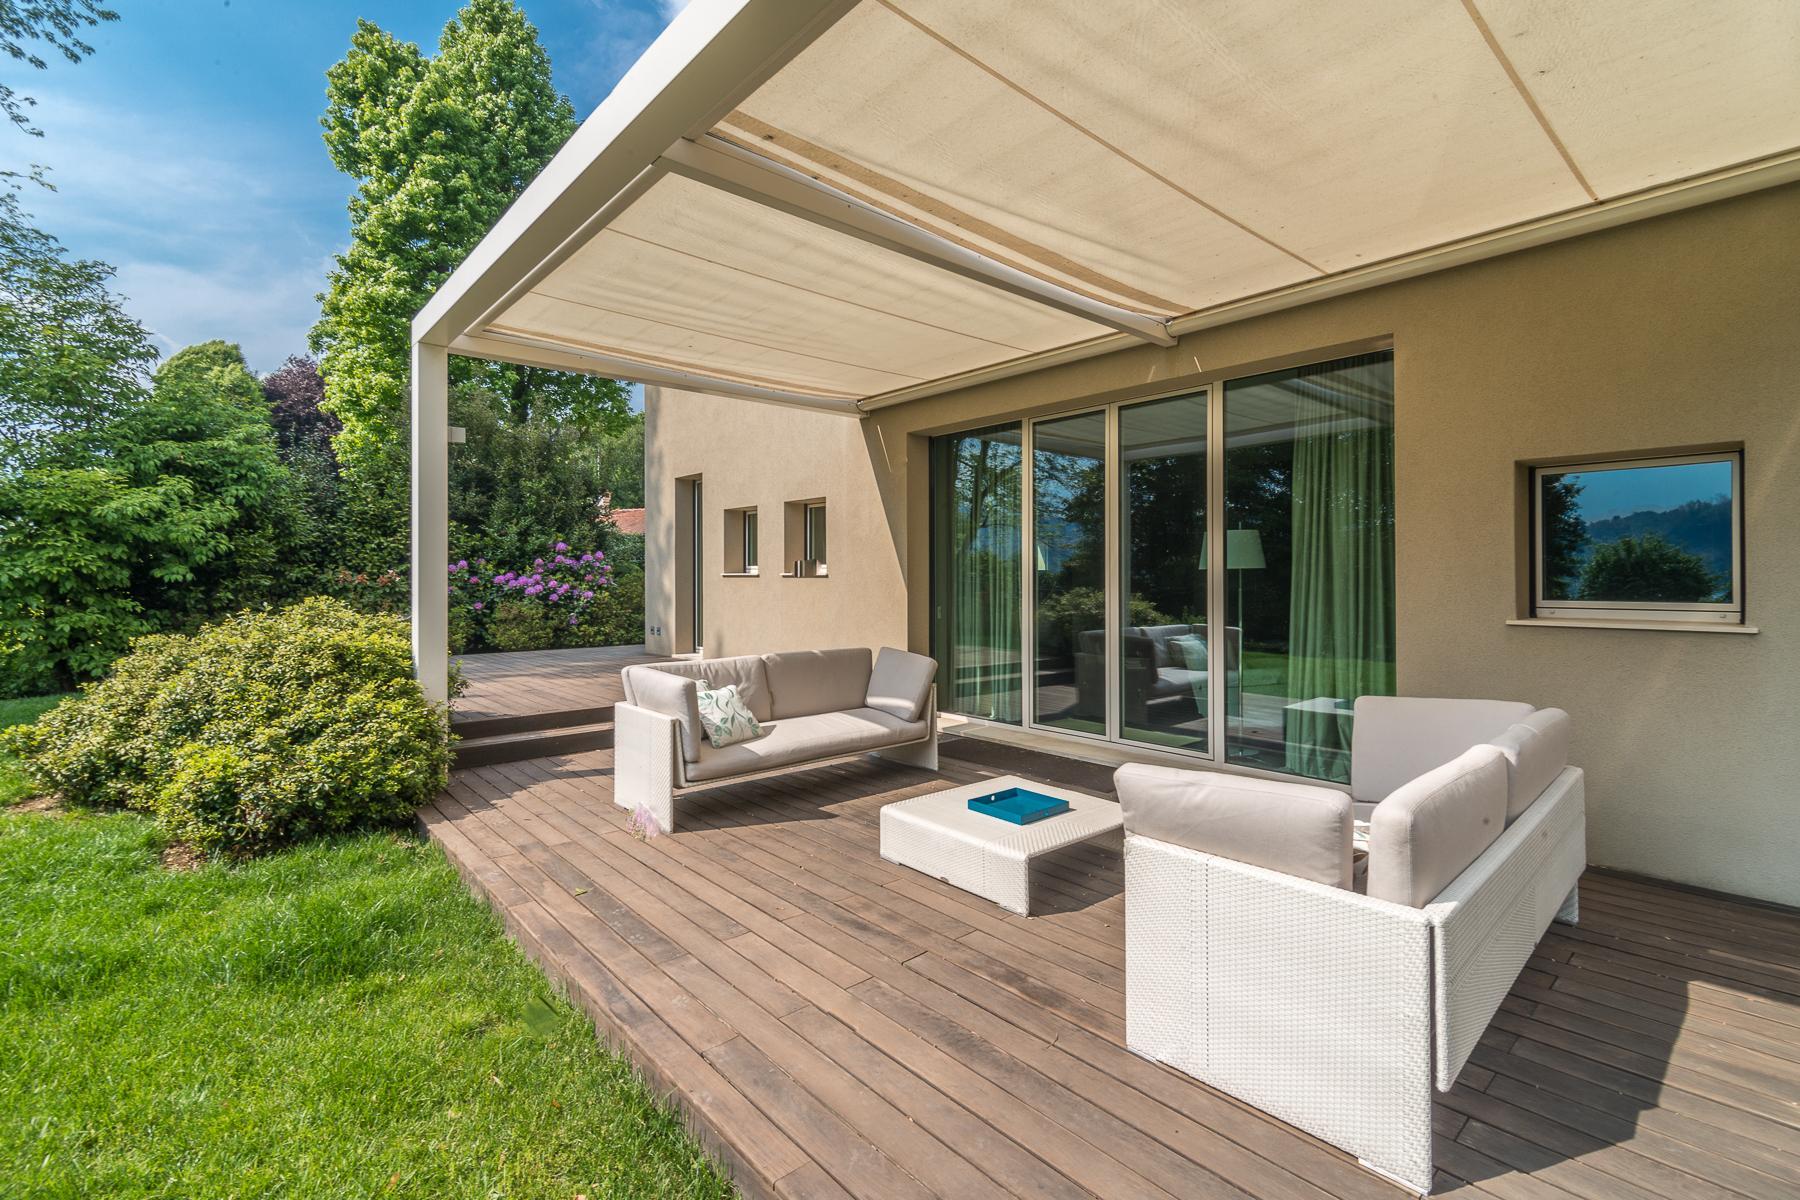 Villa di design eco sostenibile sul Lago Maggiore - 5